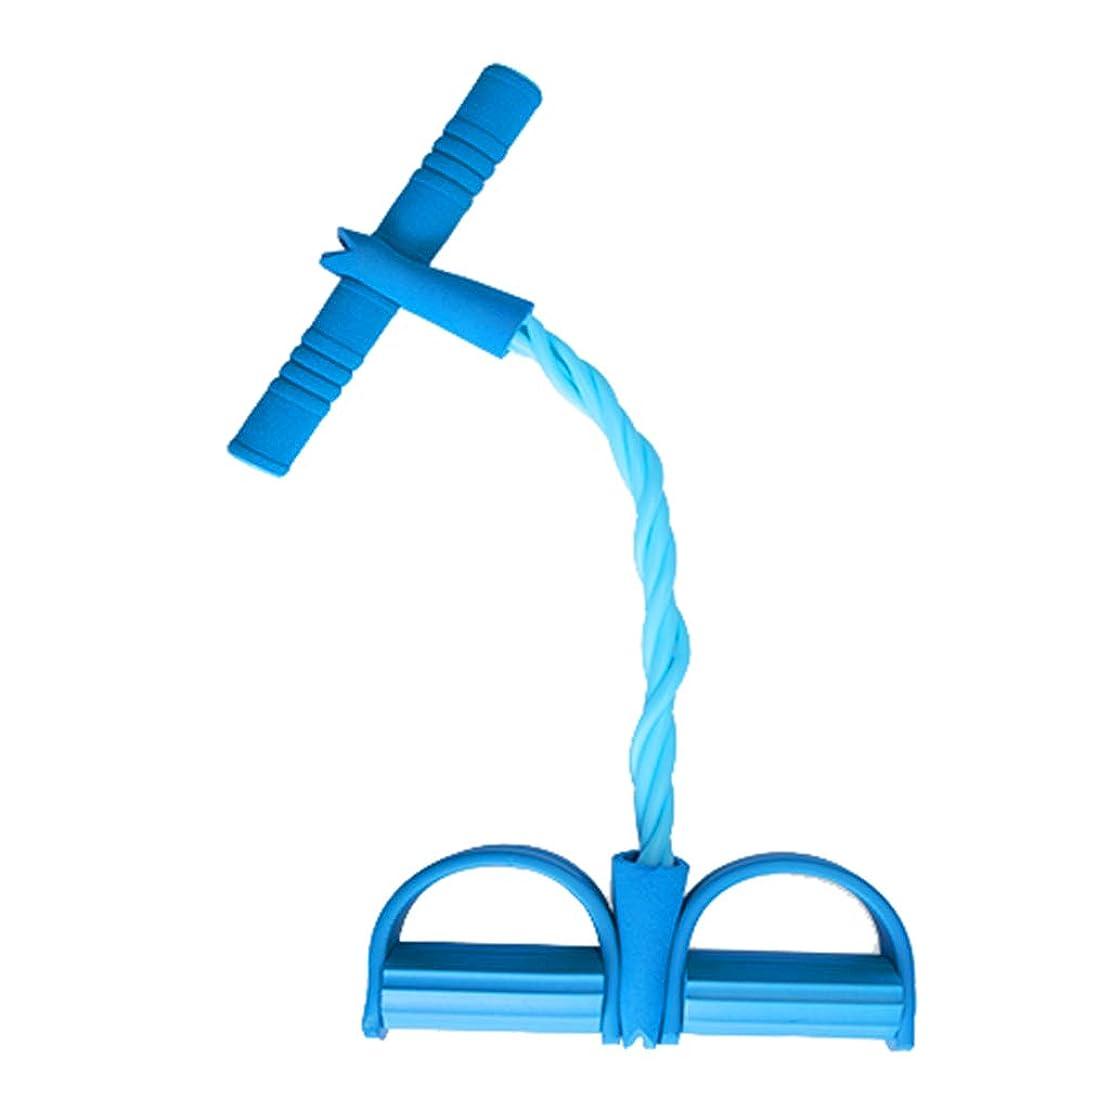 代表毛皮検査シットアップフィットネス機器ホームスポーツ足首ラリー女性補助薄いウエスト弾性ロープテンションベルト (色 : 青)